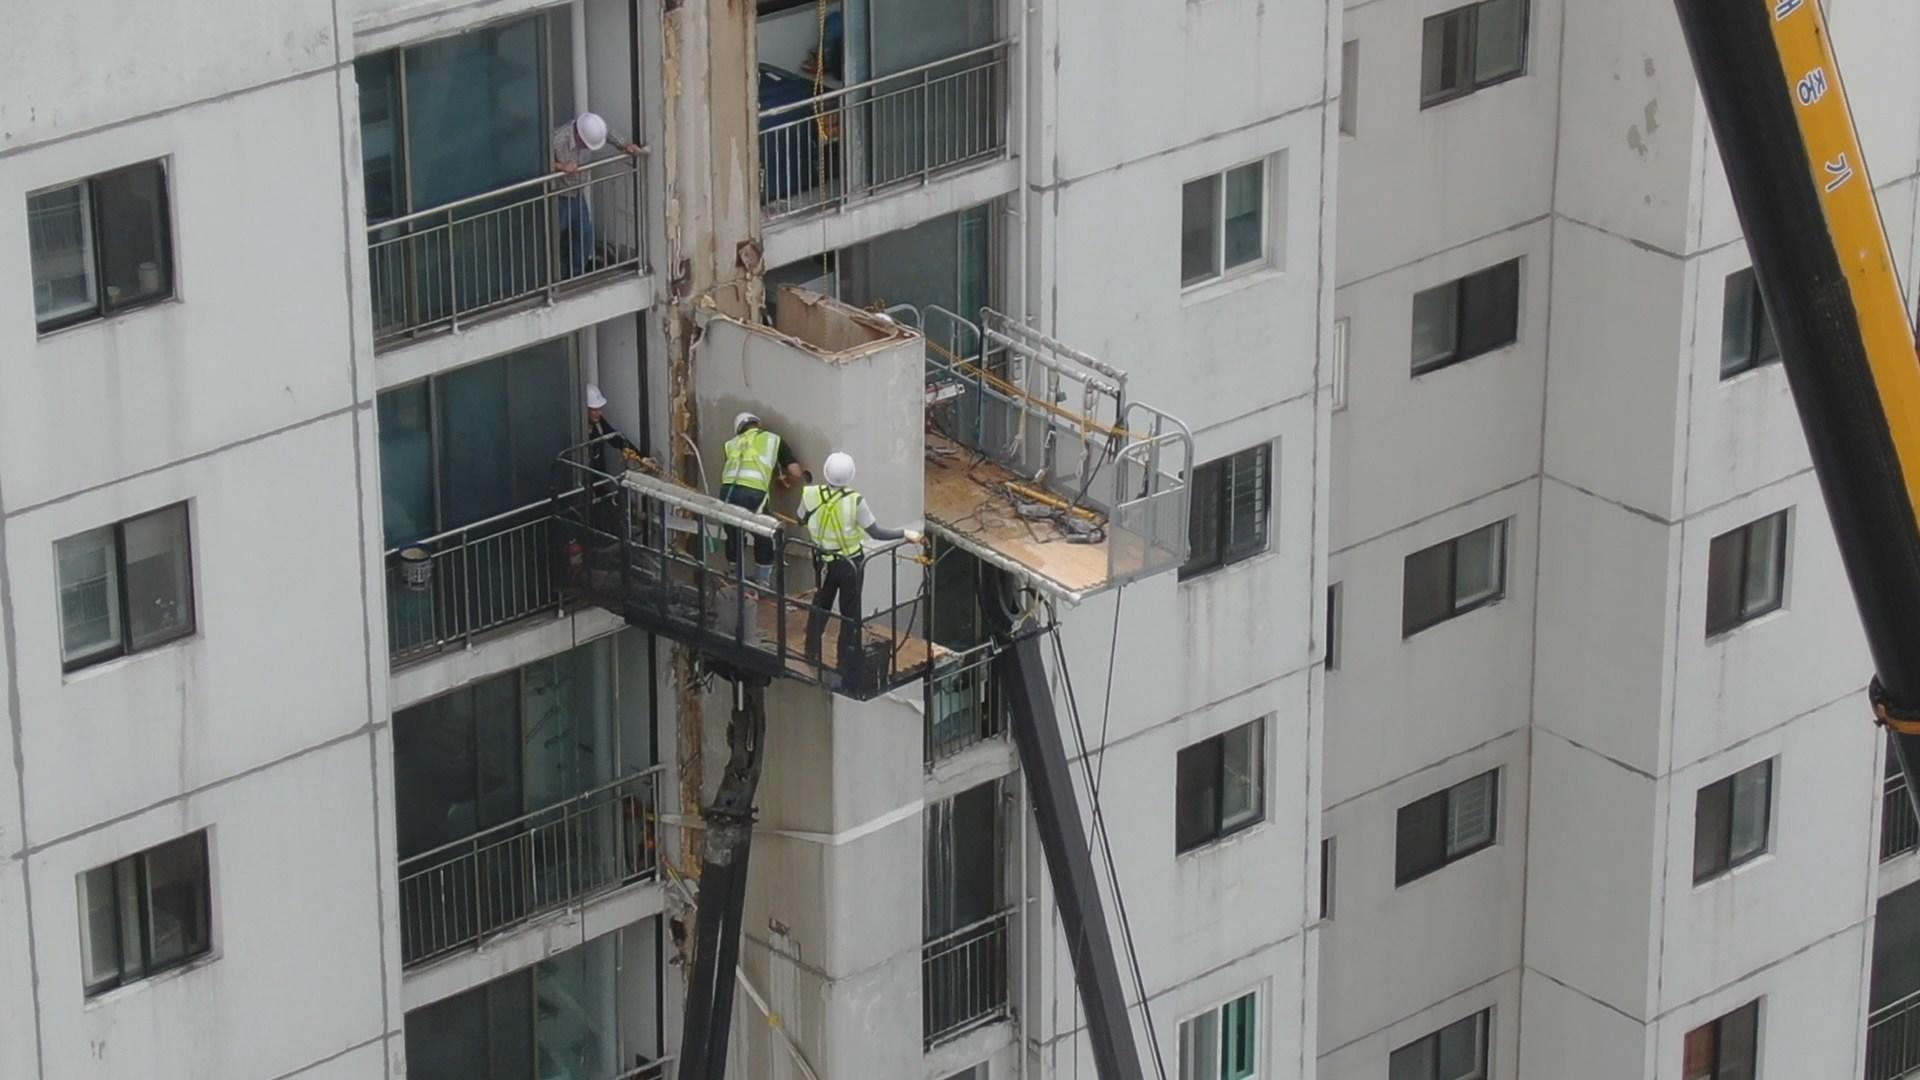 붕괴 우려 수원 아파트 구조물…철거 시작